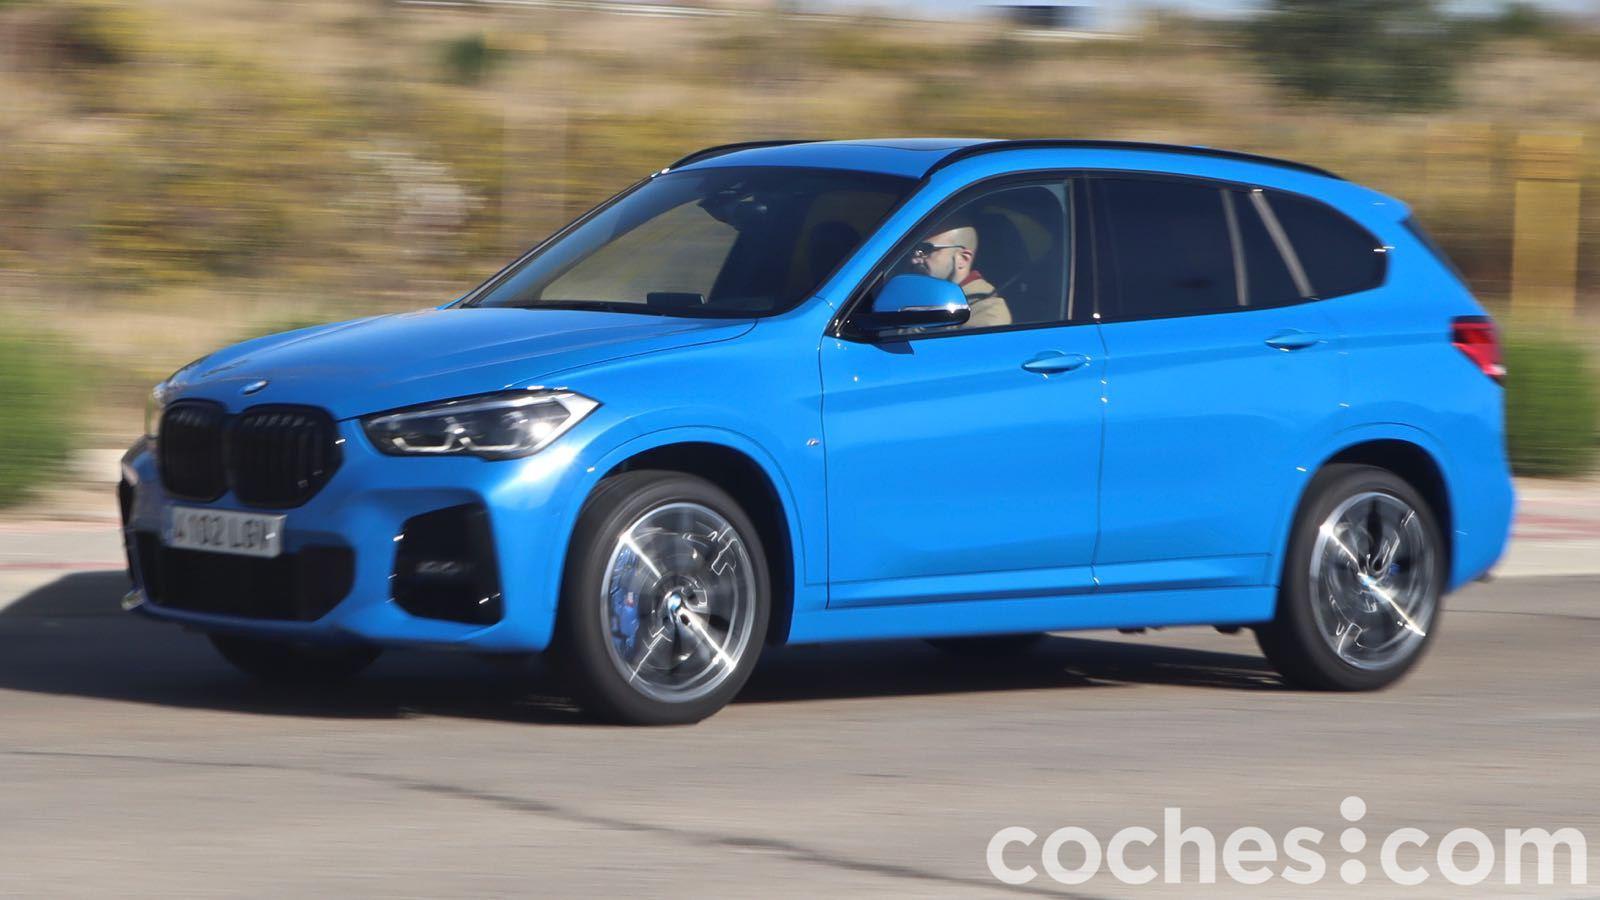 BMW X1 xDrive 20i prueba – 1